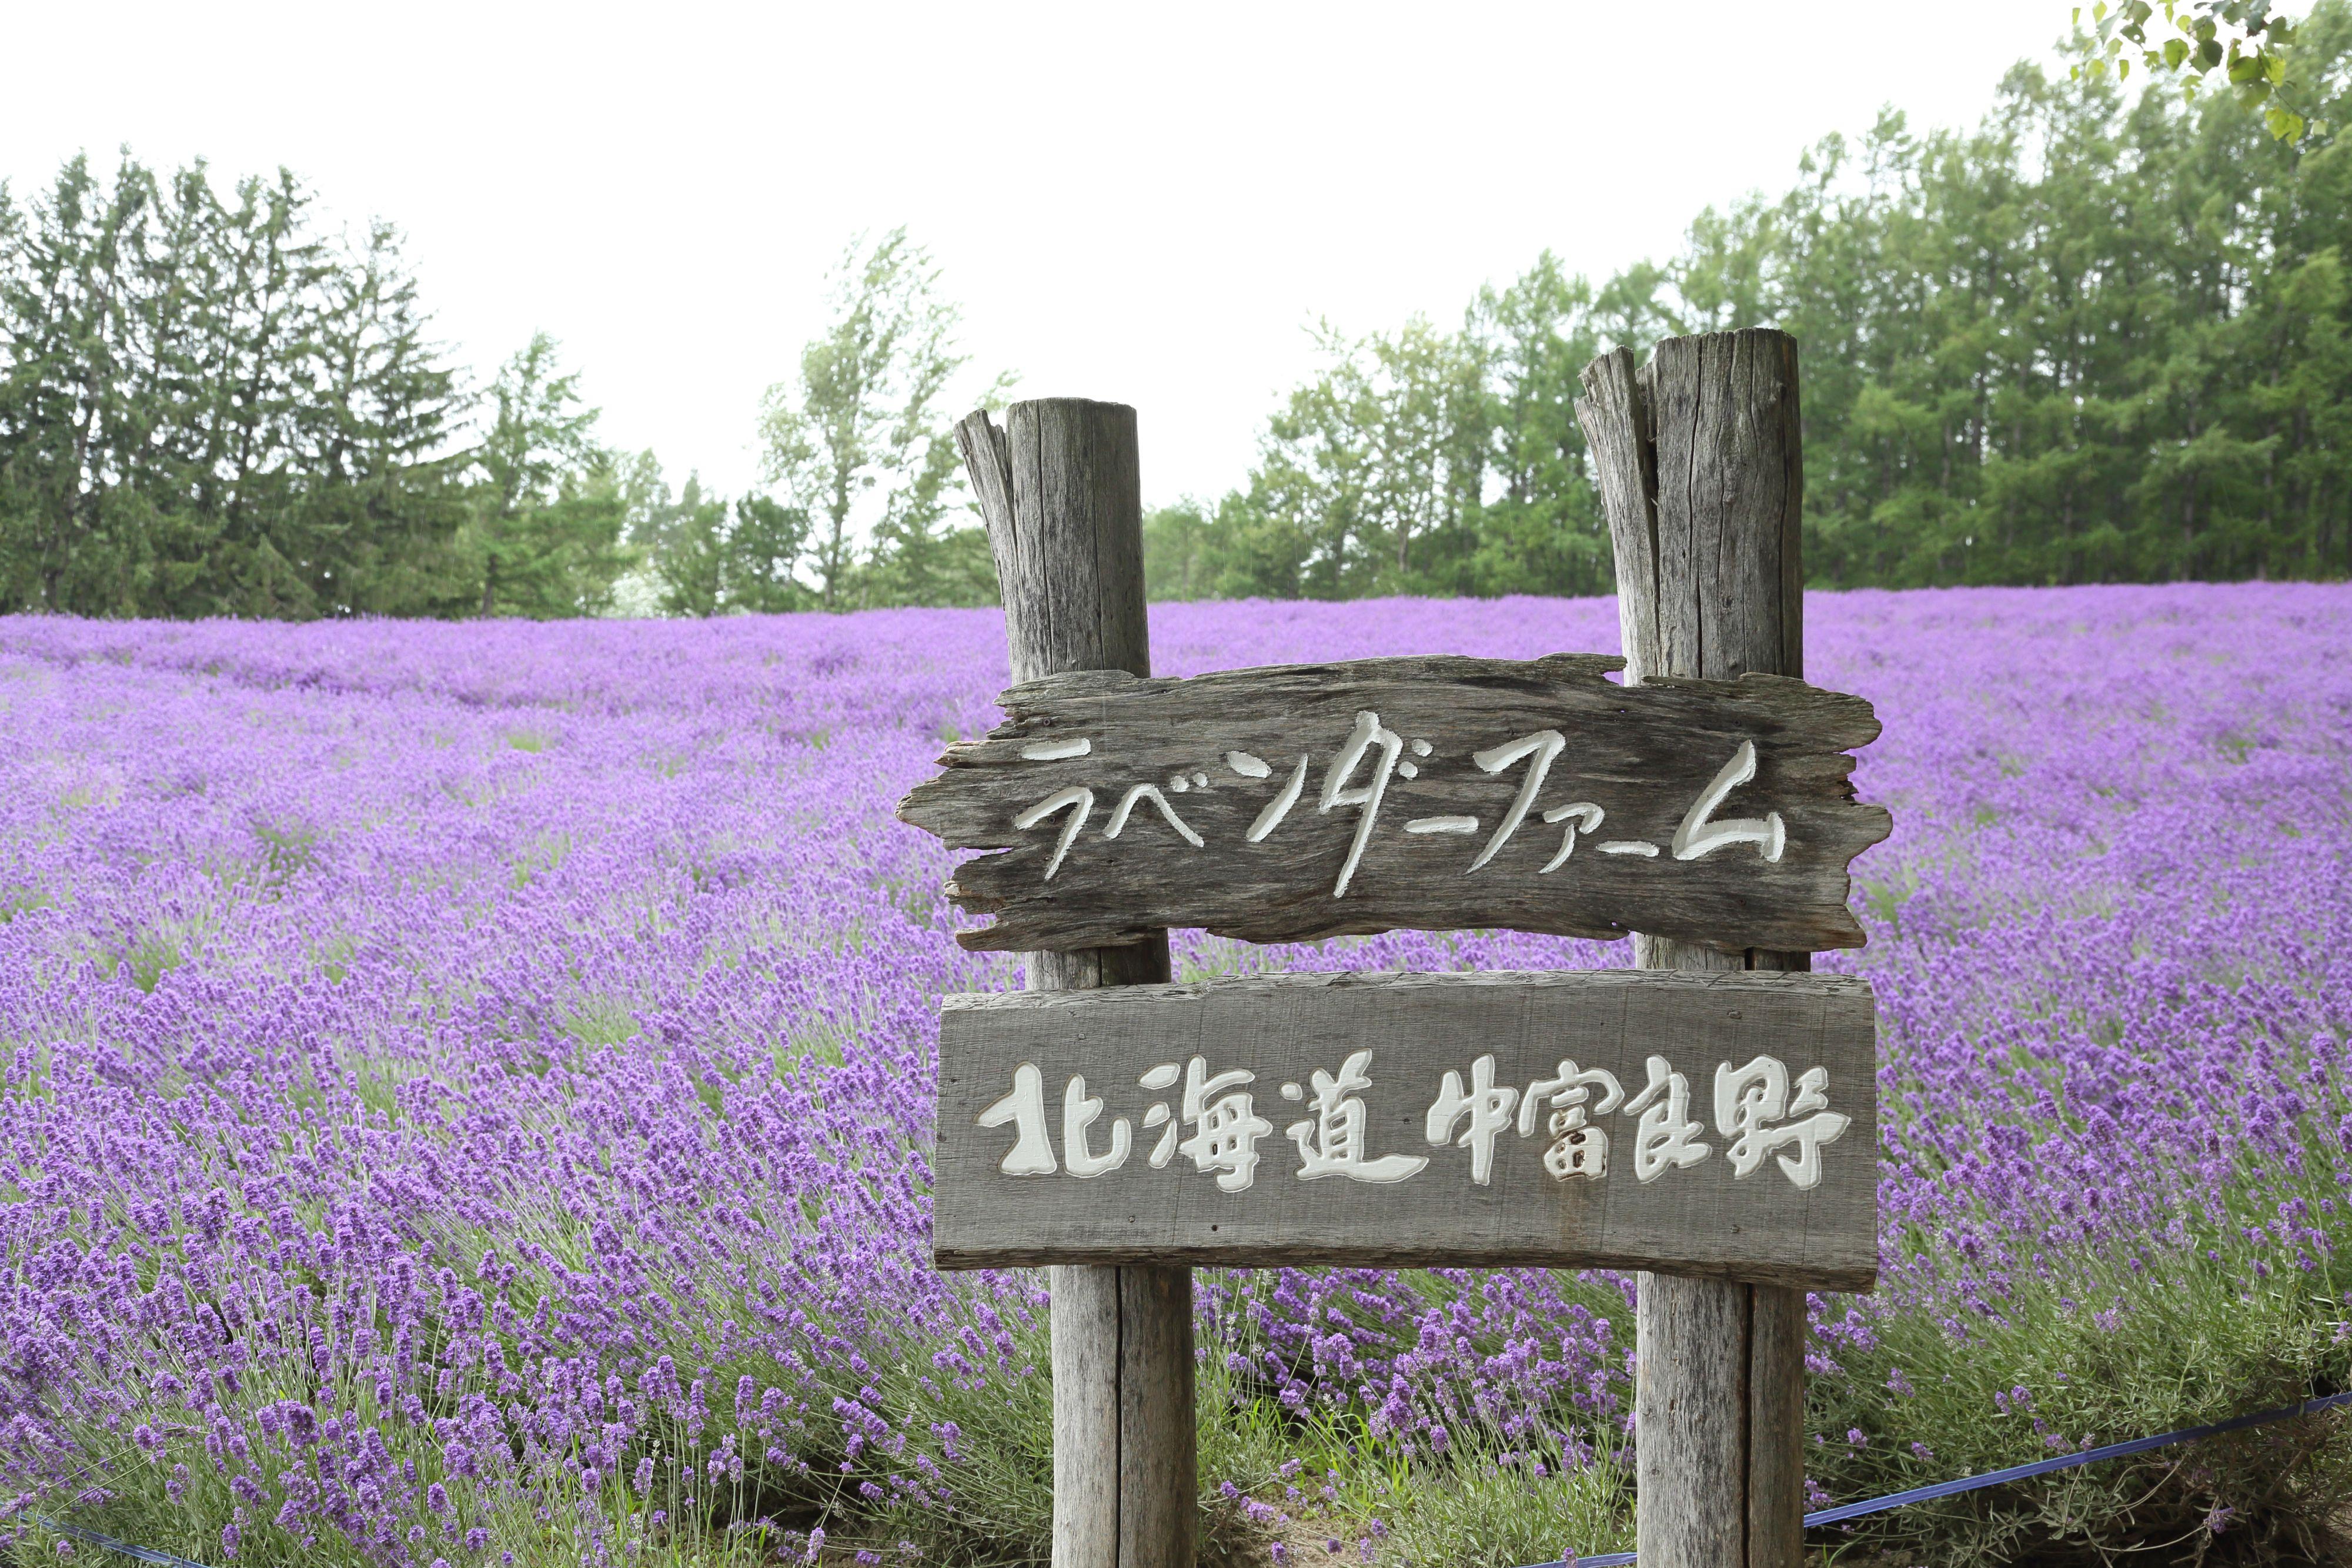 ทัวร์ญี่ปุ่น ฮอกไกโด ซัปโปโร  ทุ่งดอกลาเวนเดอร์ โทมิตะฟาร์ม